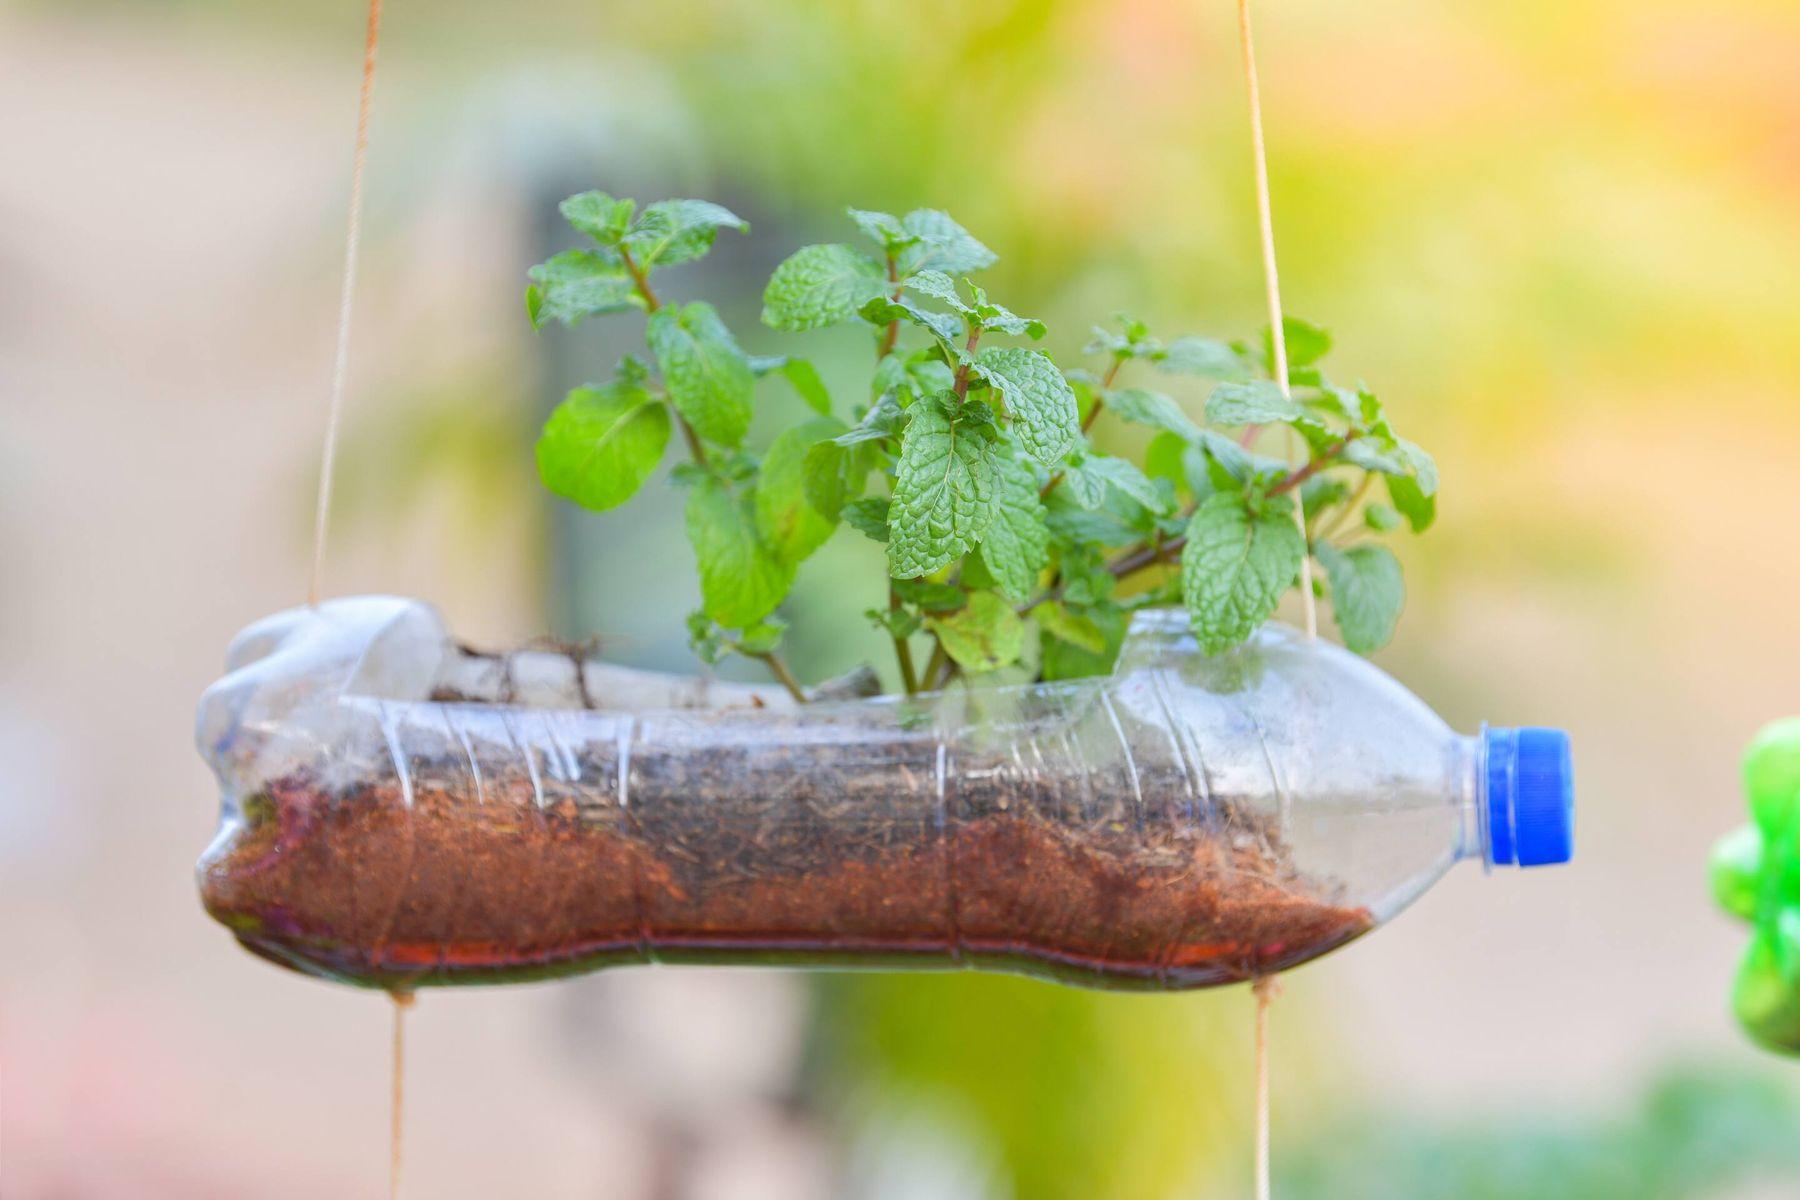 Cách tái chế chai nhựa thành giàn treo trồng rau